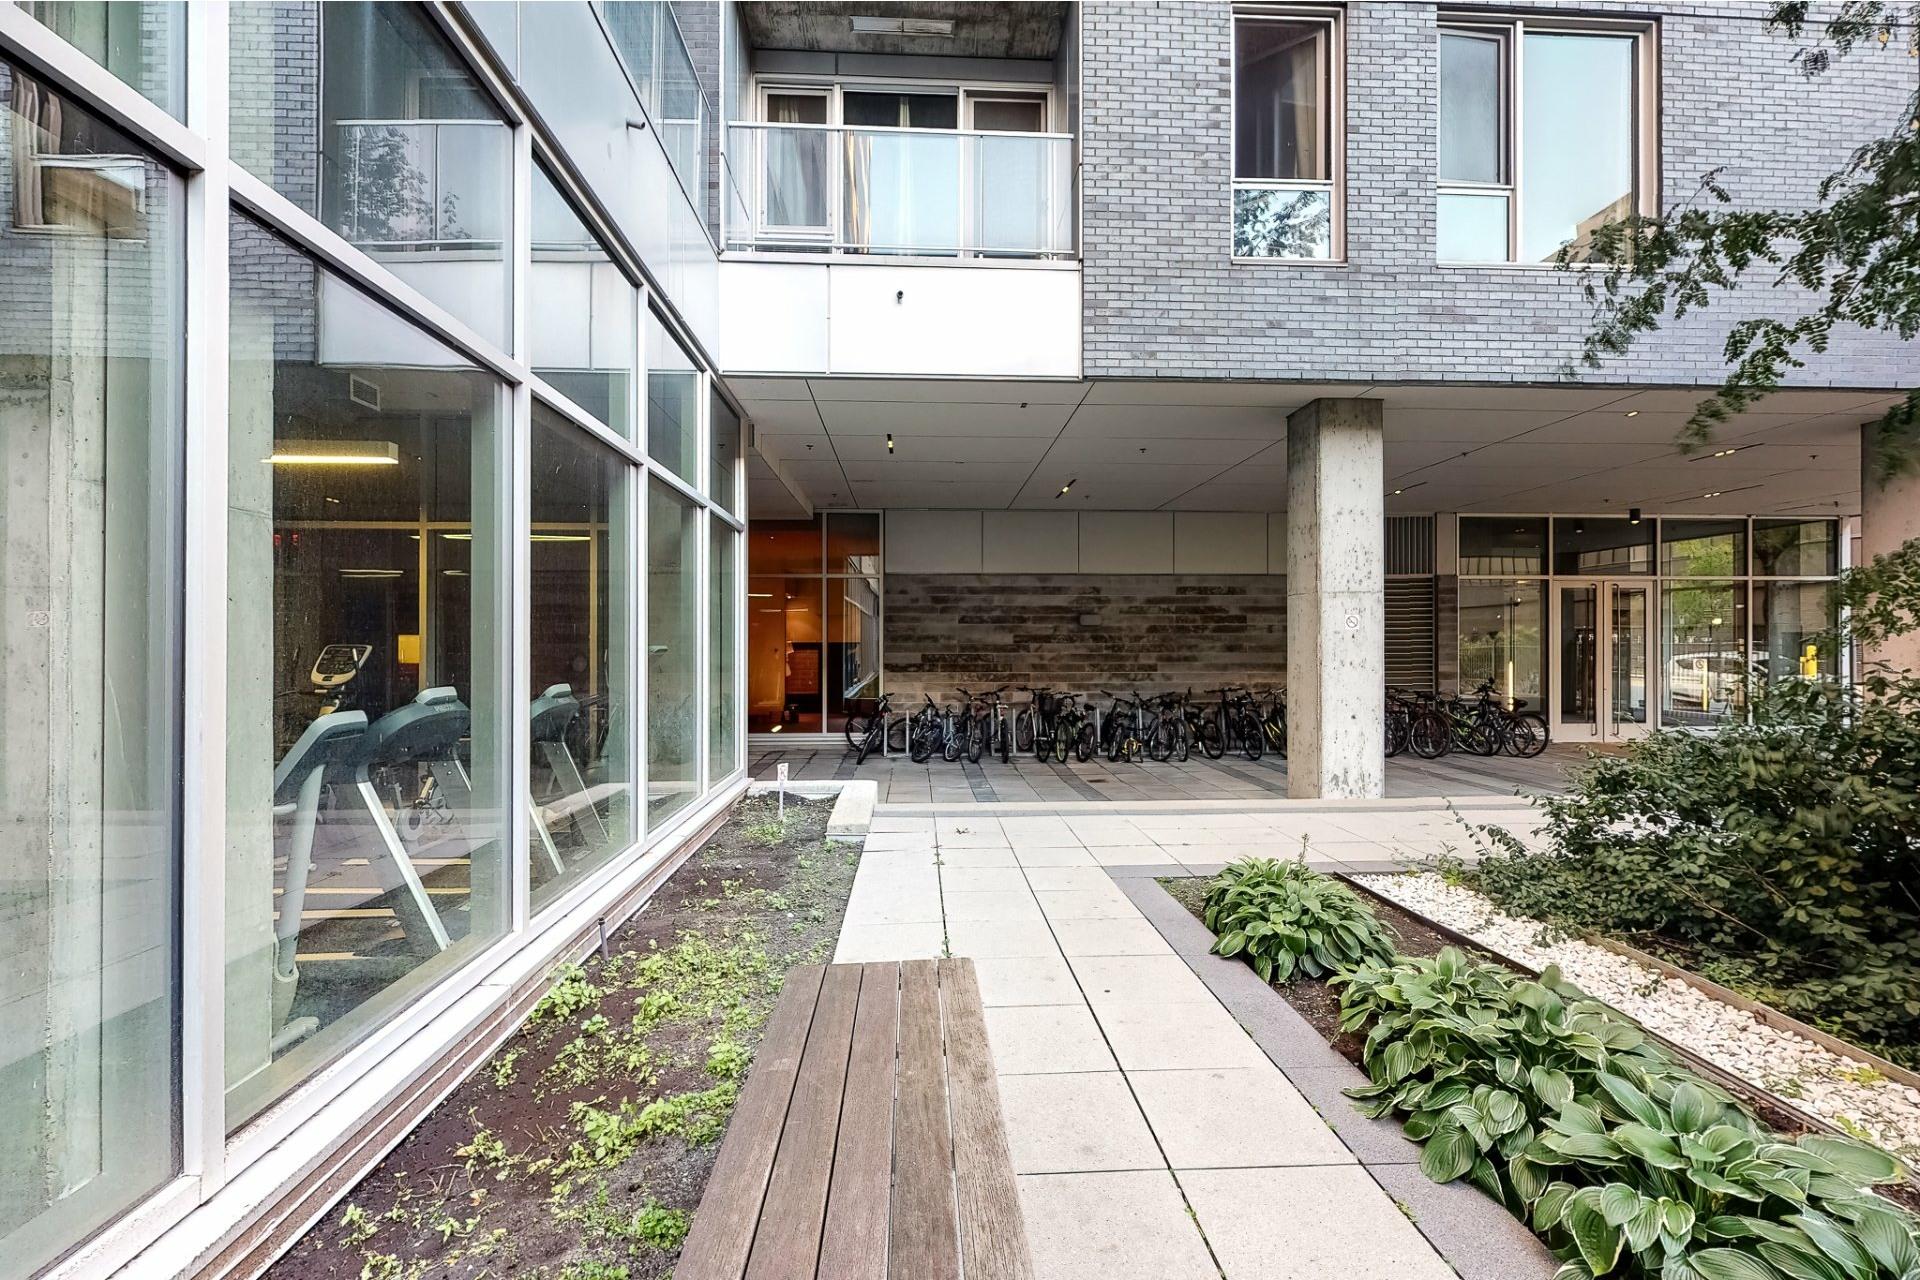 image 11 - Appartement À vendre Ville-Marie Montréal  - 2 pièces